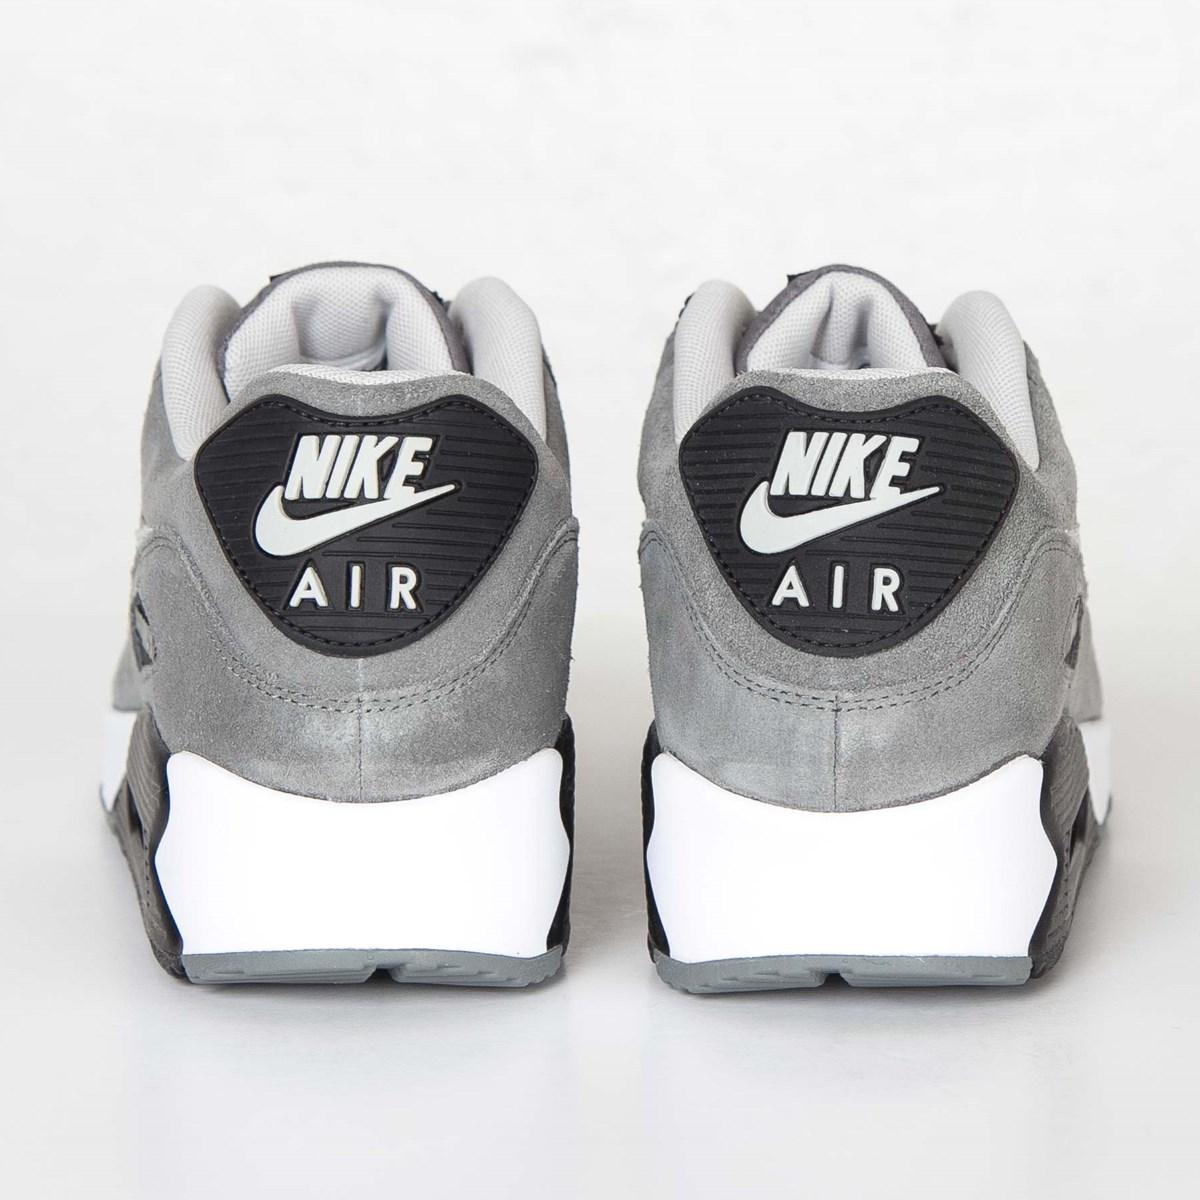 Nike Air Max 90 LTR 652980 013 Sneakersnstuff | sneakers